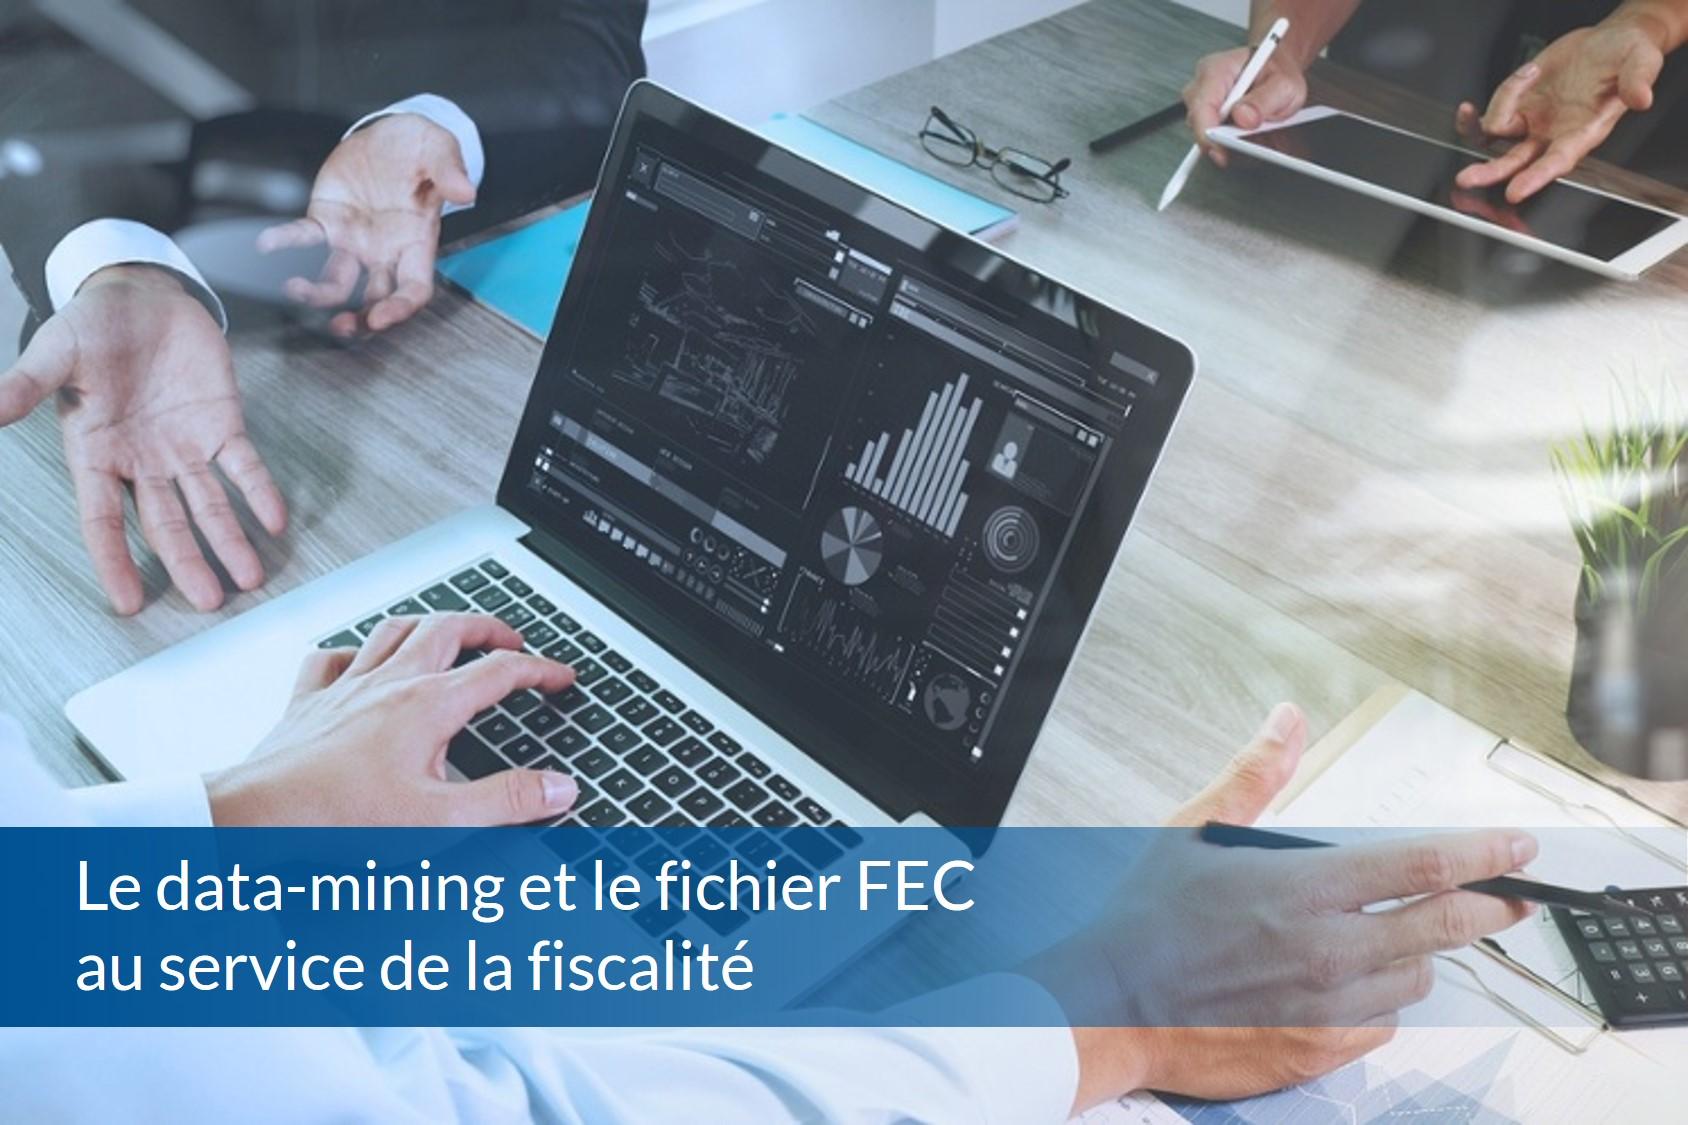 L'application du data-mining au fichier FEC permet aux fiscalistes de vérifier la bonne application de leurs doctrines fiscales par les différents services de l'entreprise